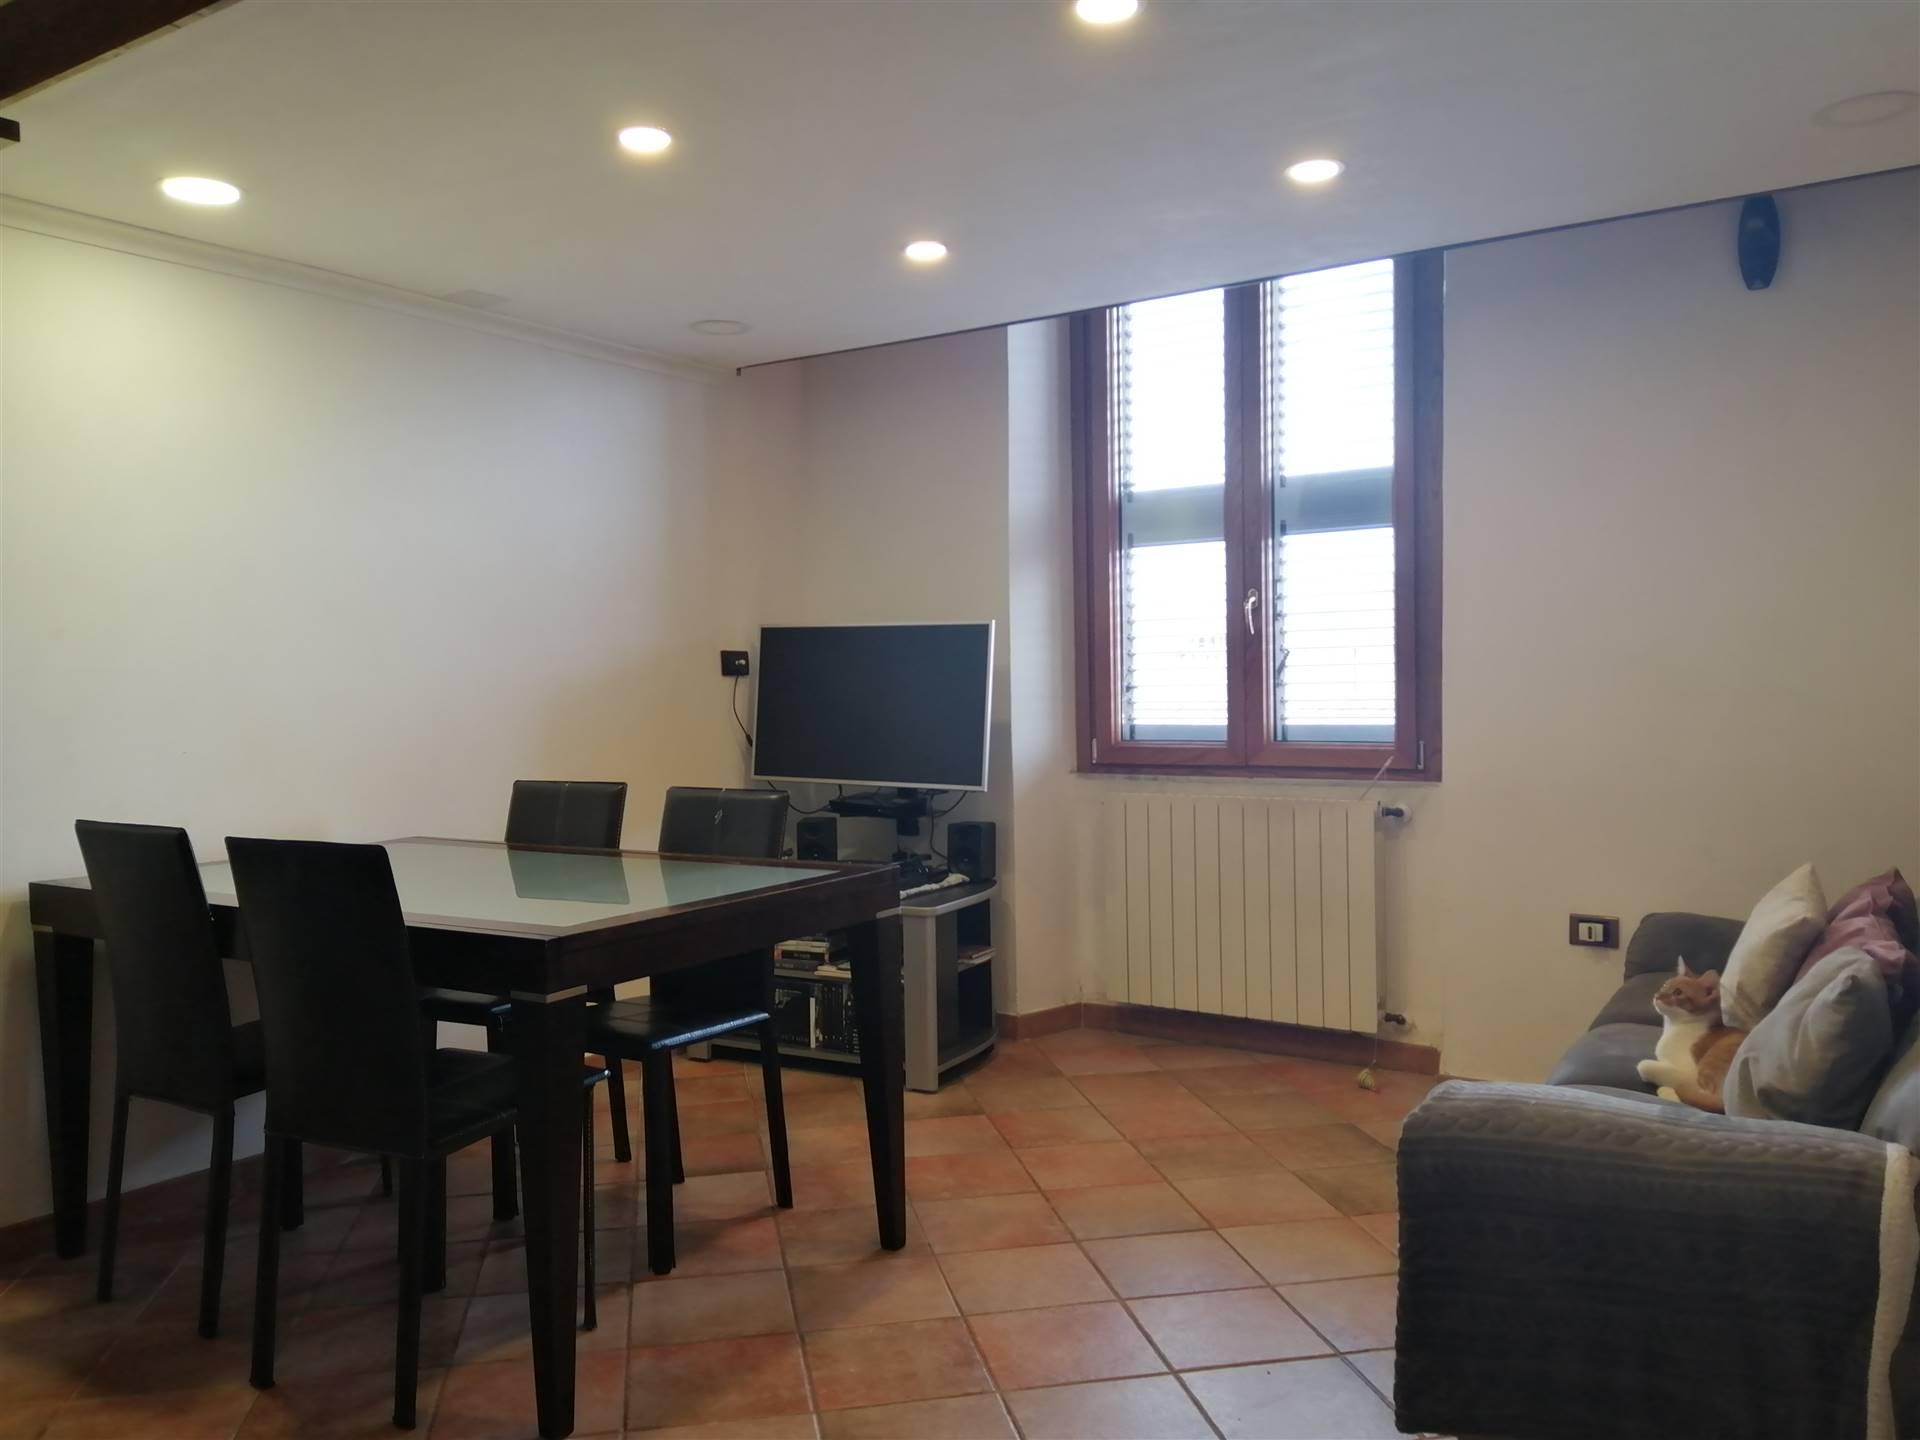 Appartamento trilocale in vendita. L'immobile si colloca nel centro storico della città di Civitavecchia ed è ubicato al terzo piano rialzato di una palazzo con cortile interno e posto auto.